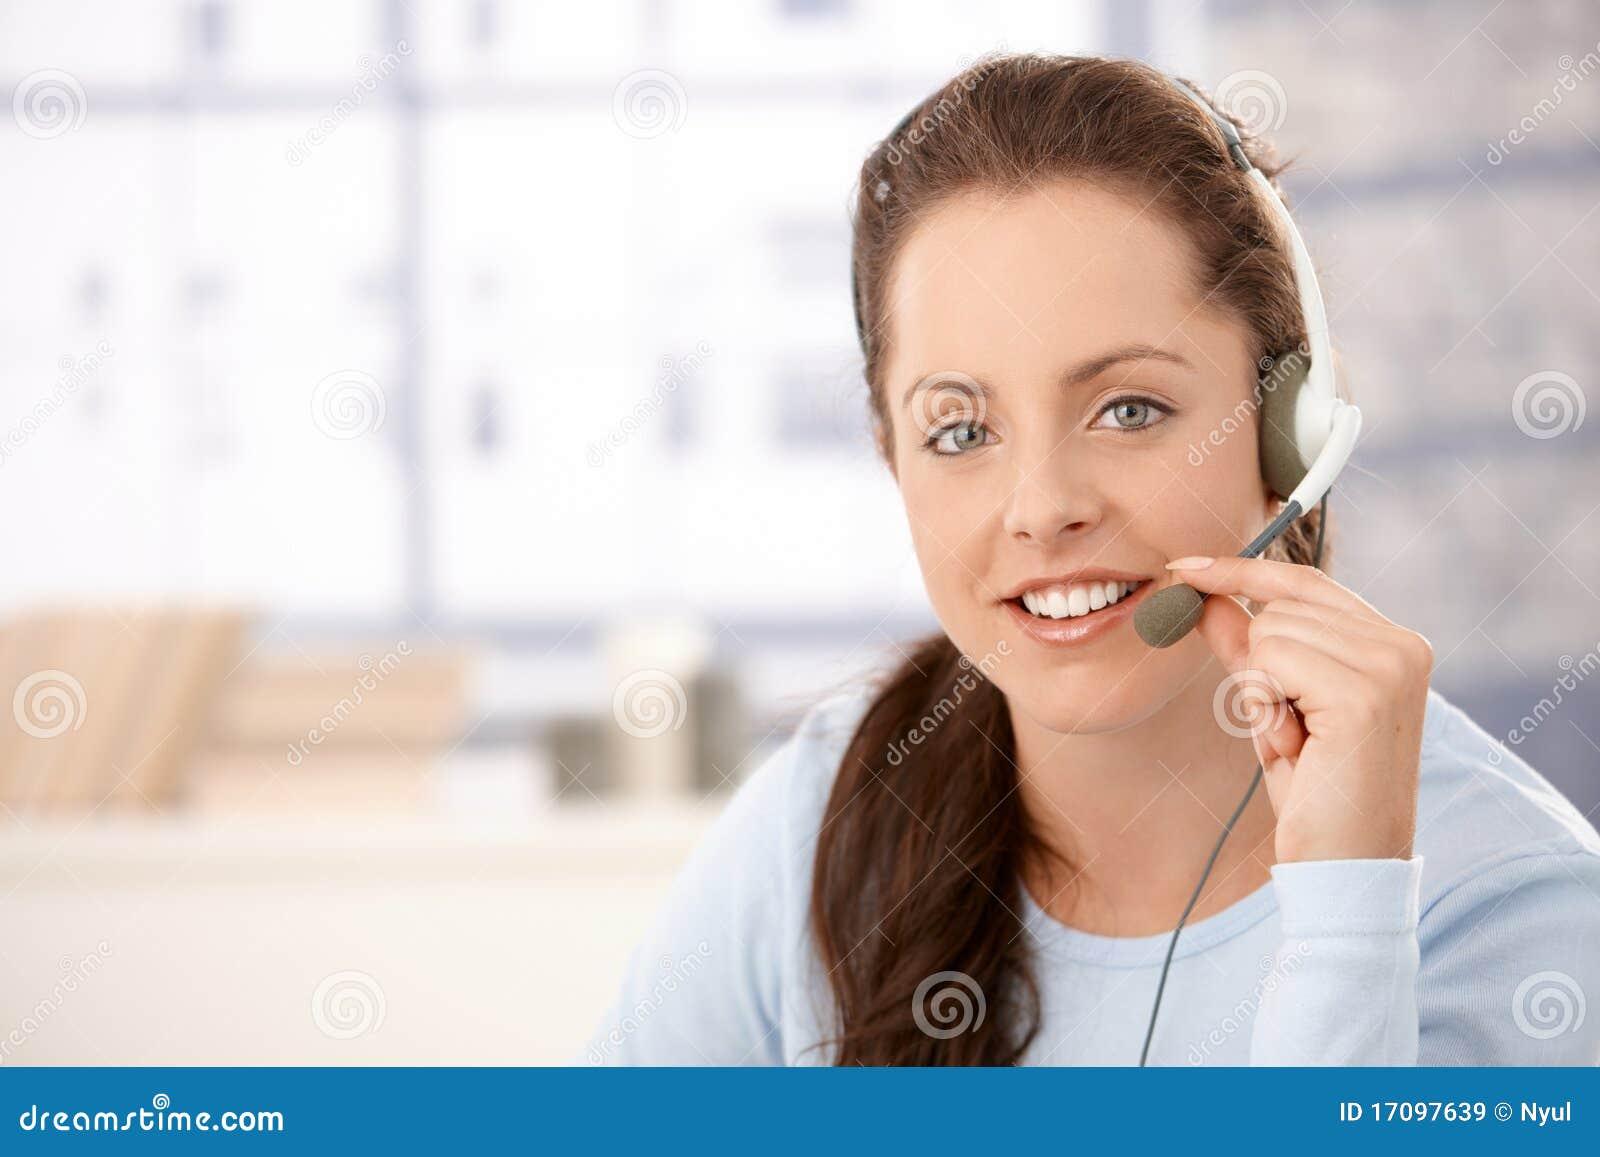 Portrait des attraktiven Verteilers mit Kopfhörern